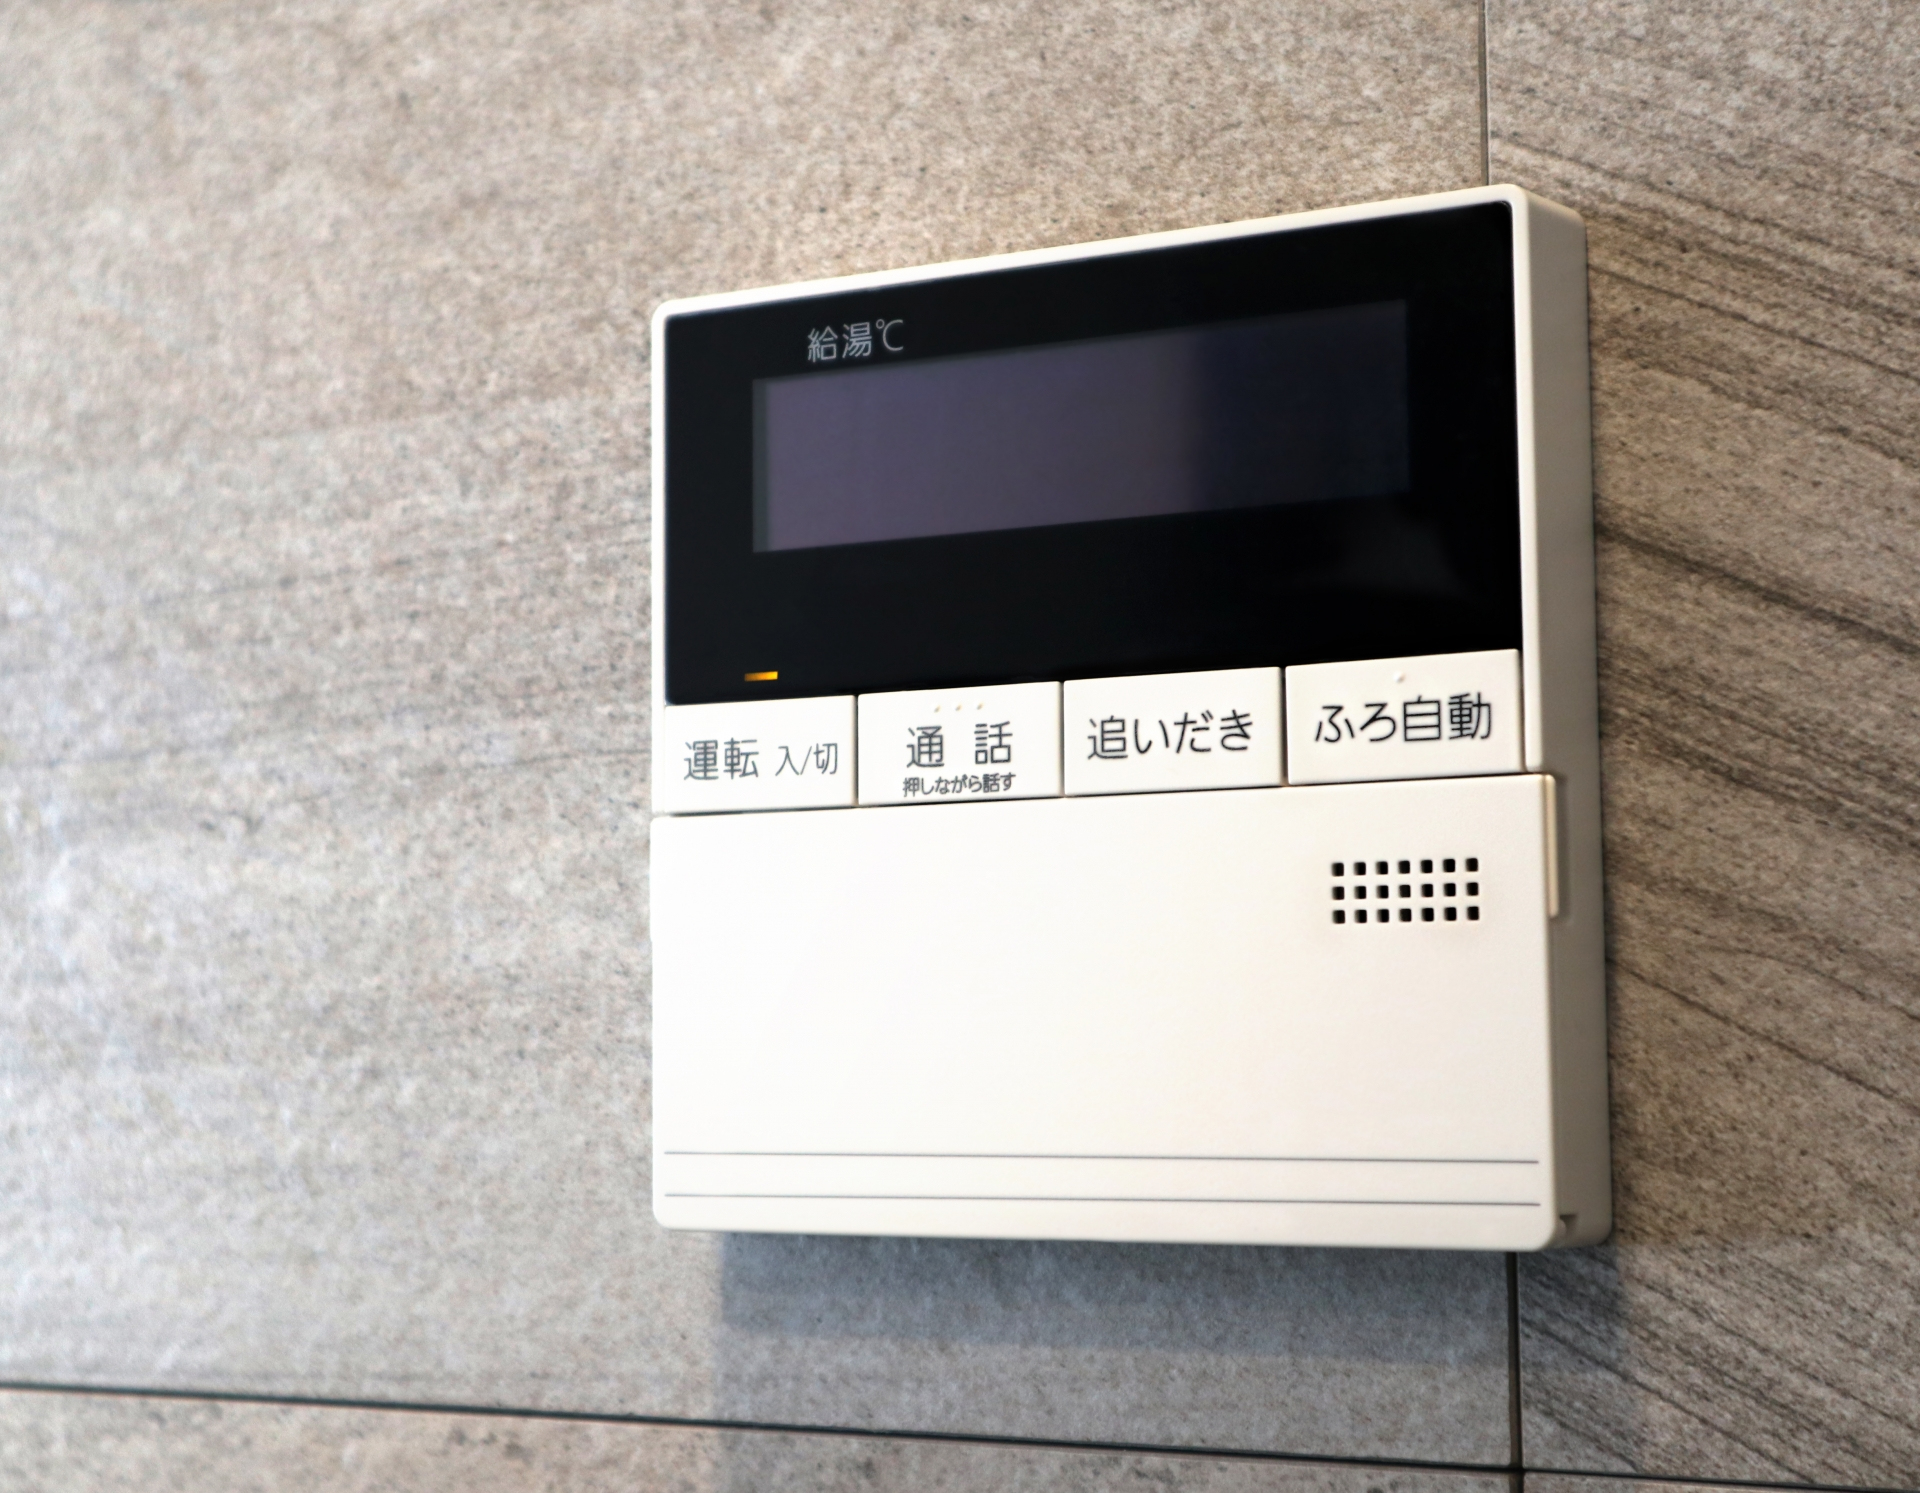 【リモコン工事】お風呂のリモコンは青サビによる接触不良防止のため、端子圧着部にもコーキングを打ちます。